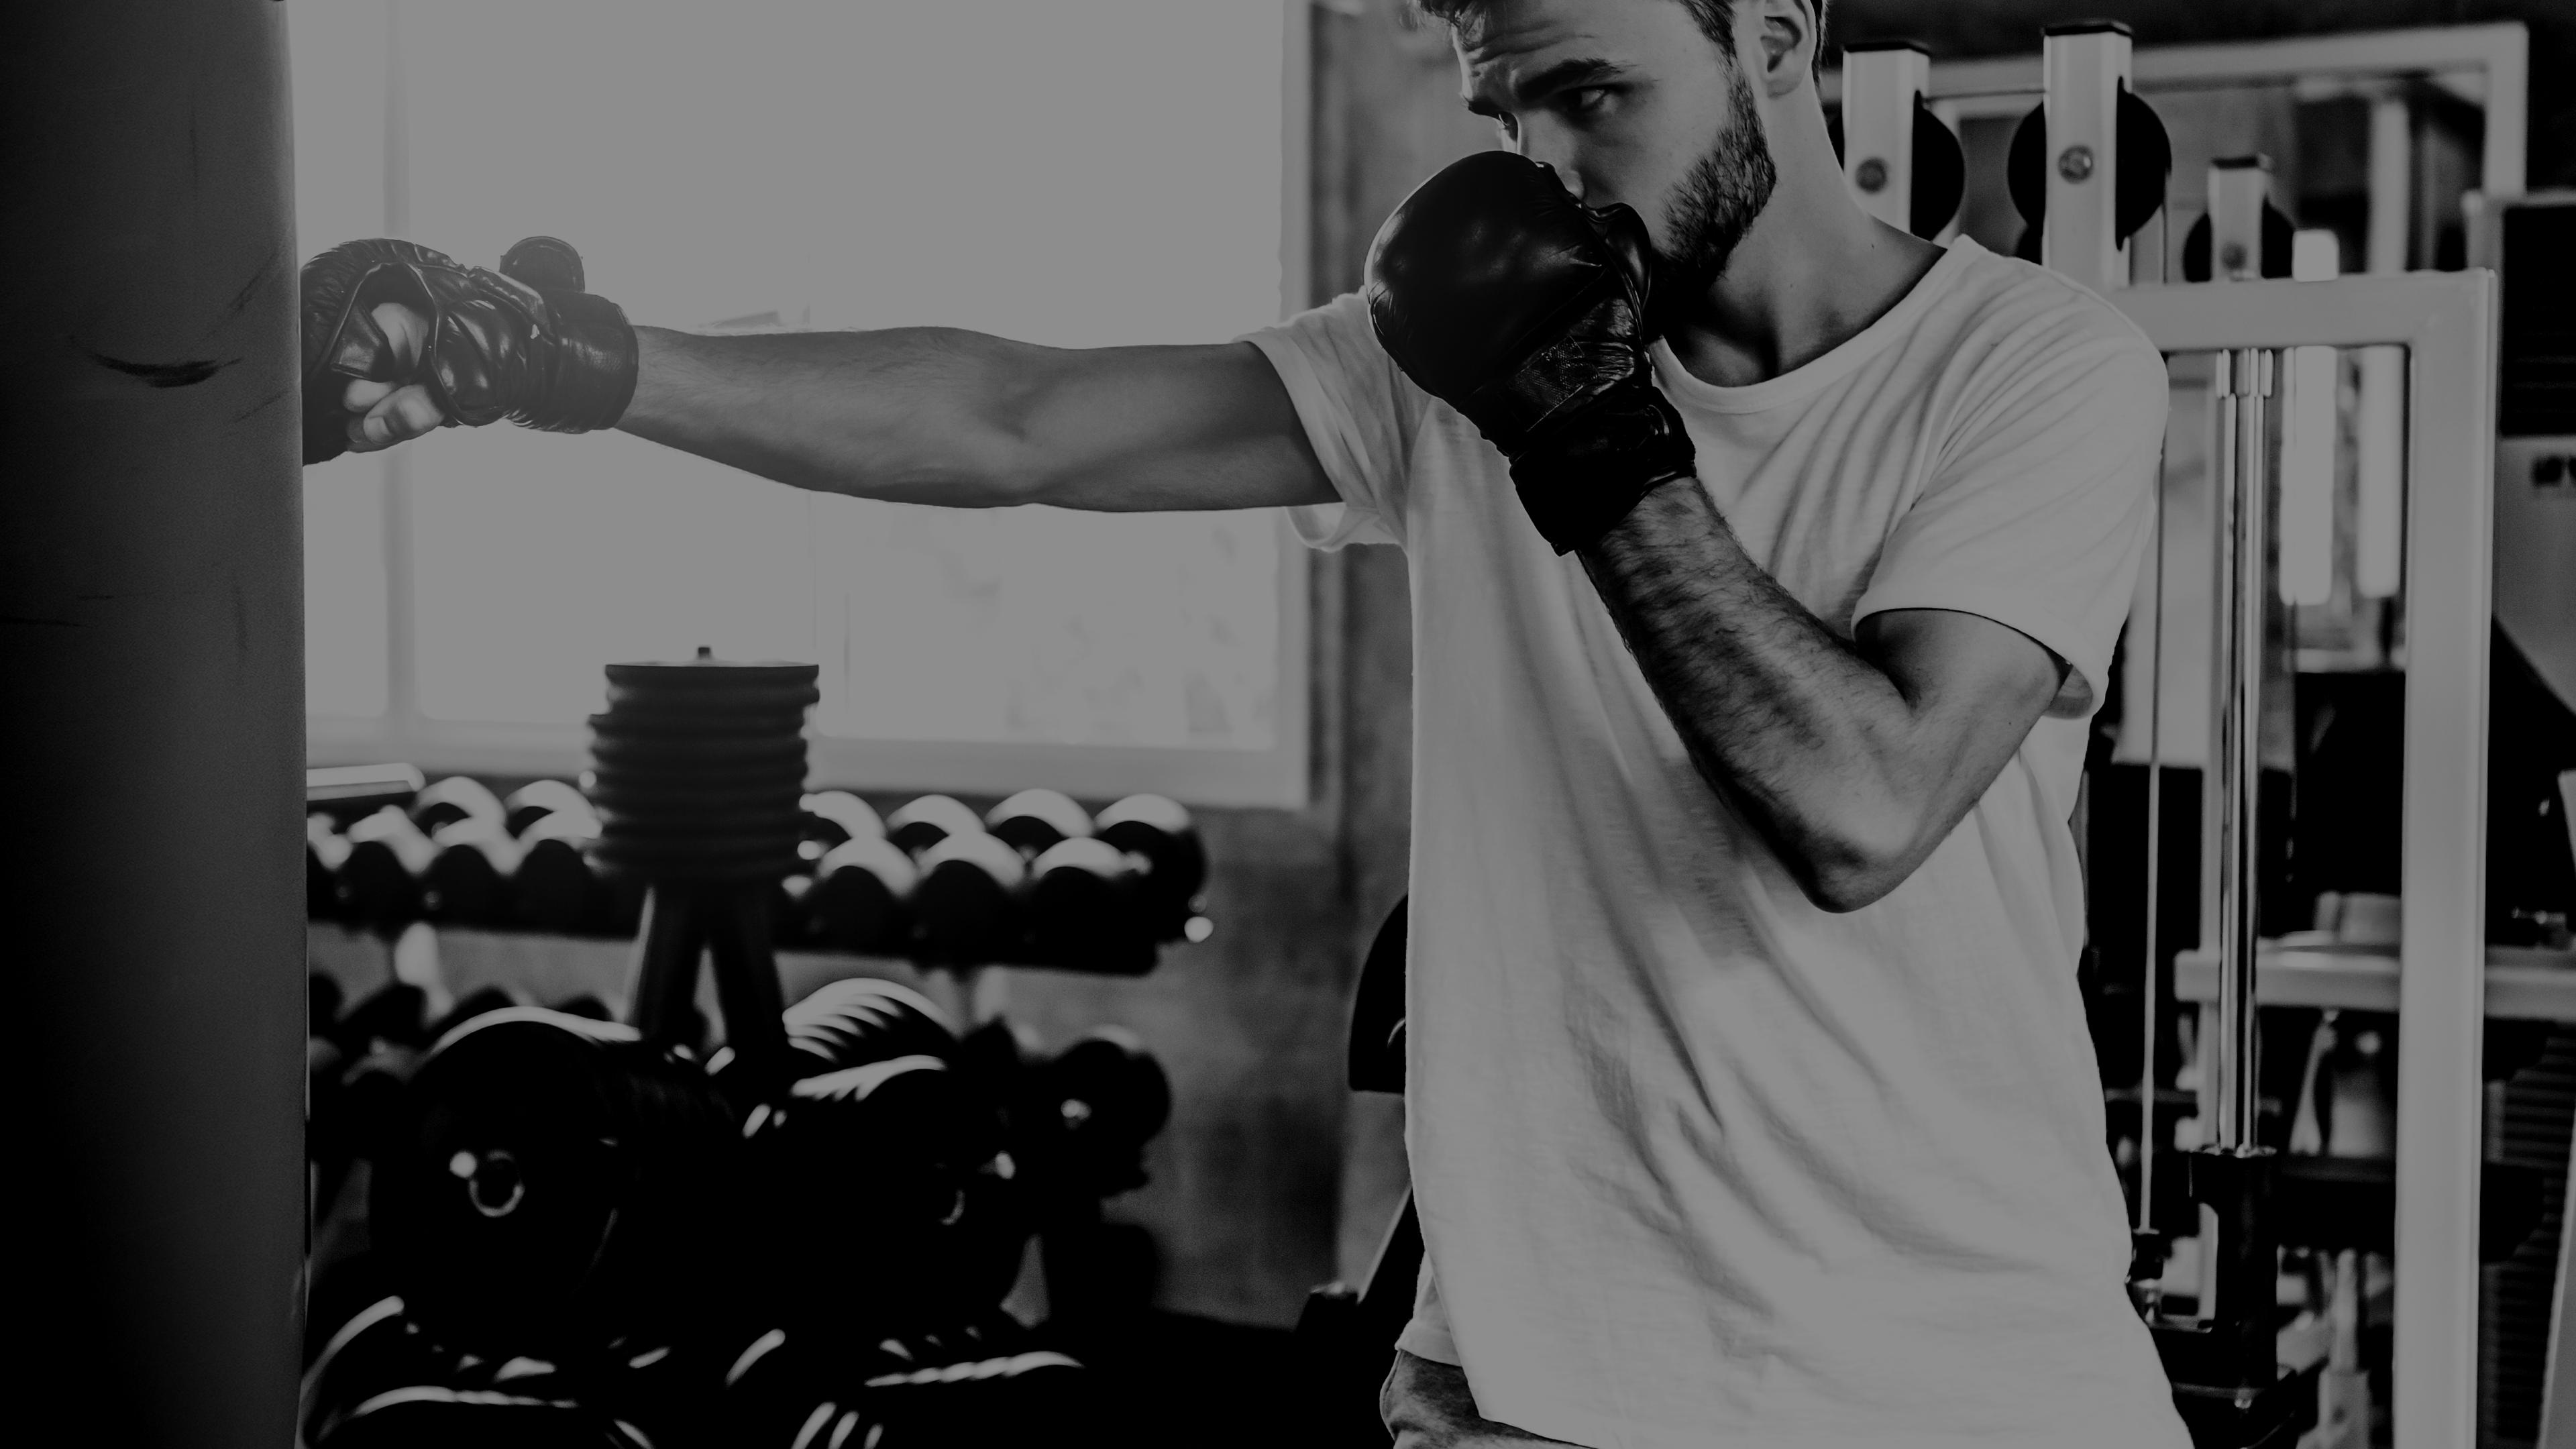 https://theboxerclub.es//resources/slides/clases-de-boxeo-the-boxer-club.png